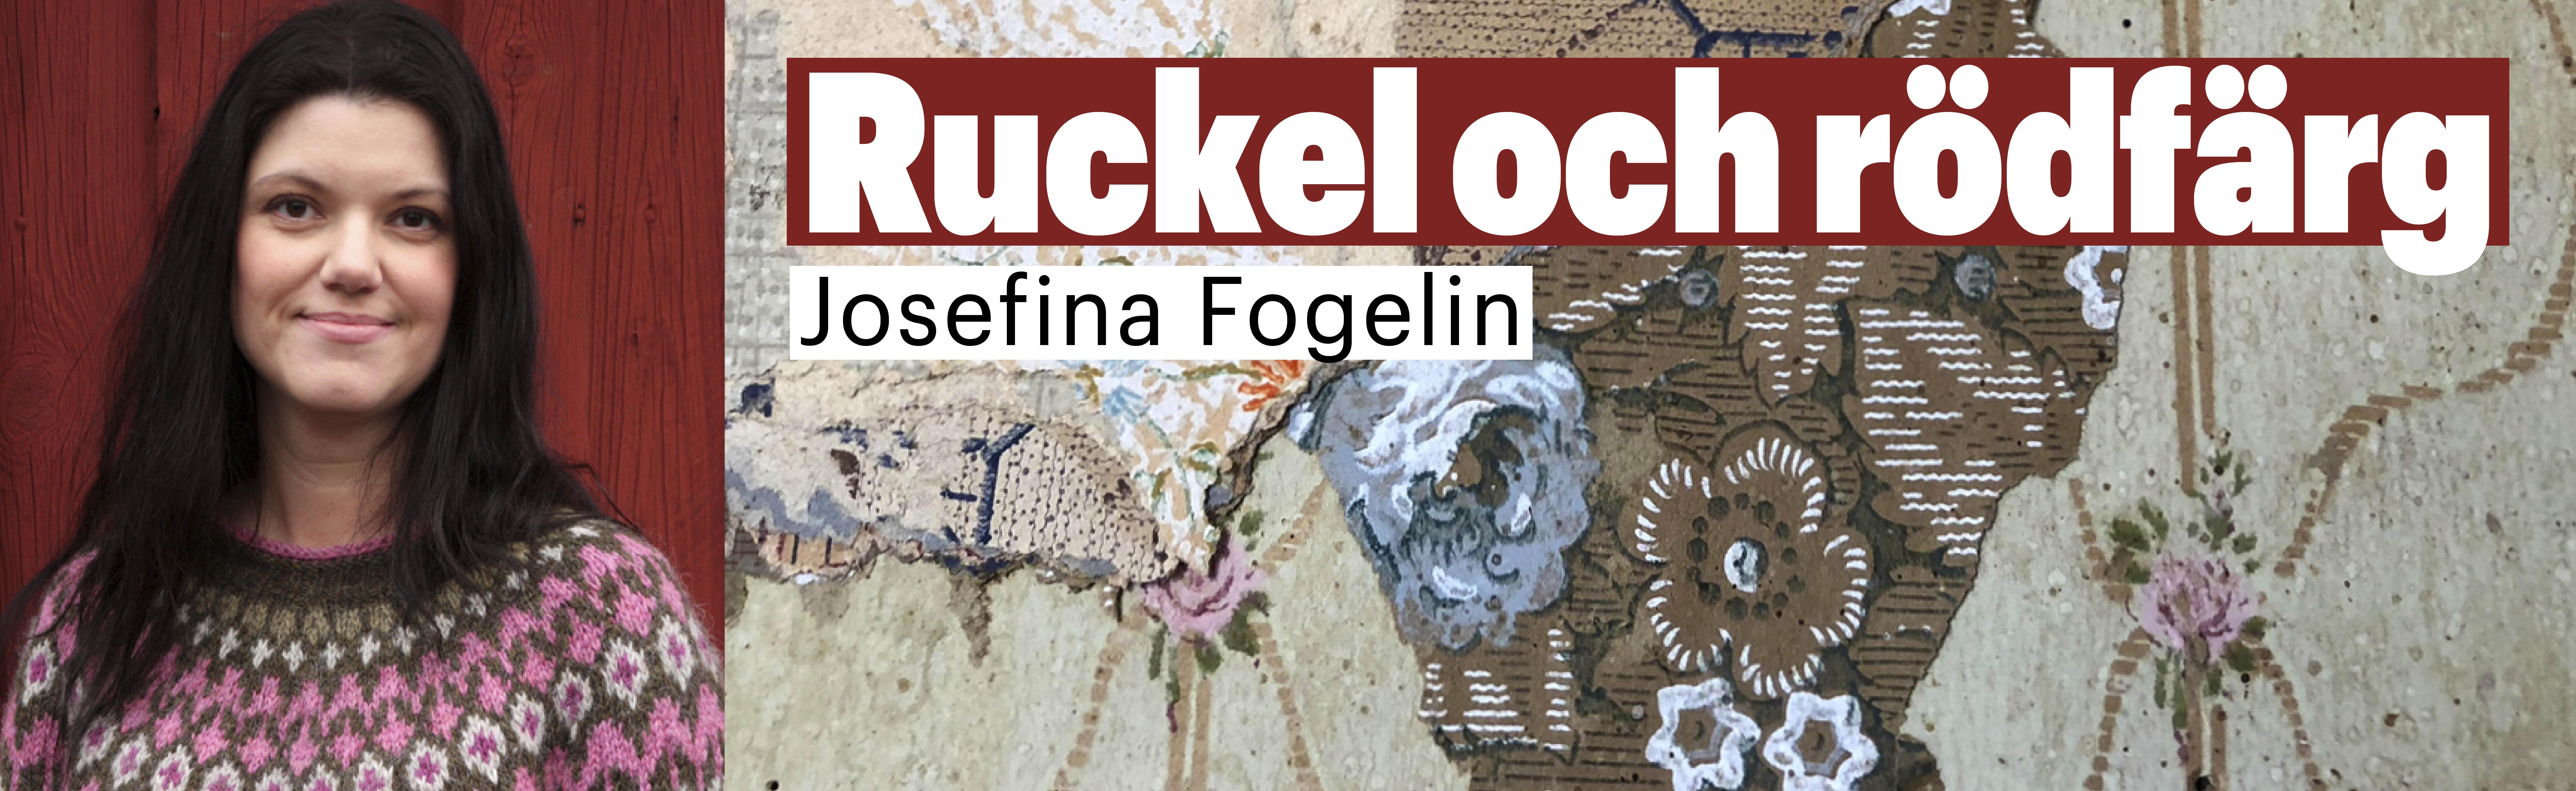 blogg_ruckel_och_rodfarg